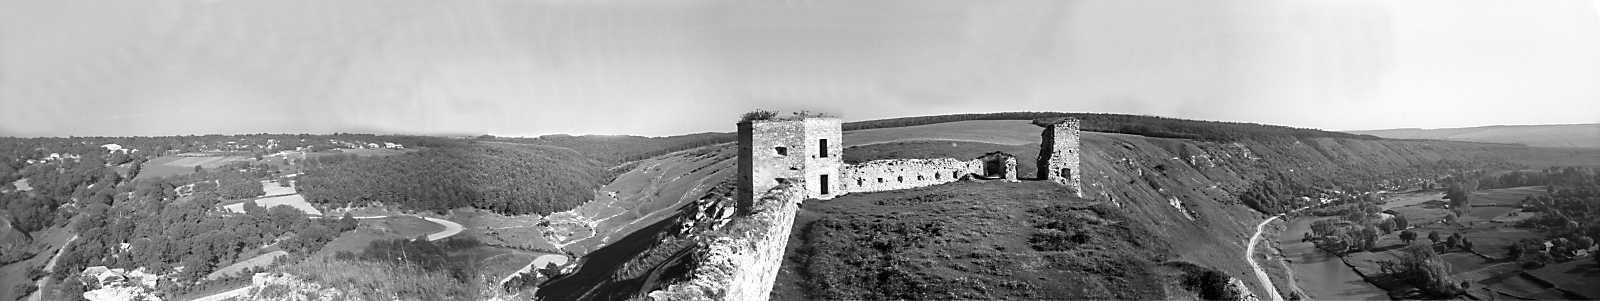 1978 р. Панорама подвір'я. Вигляд з…